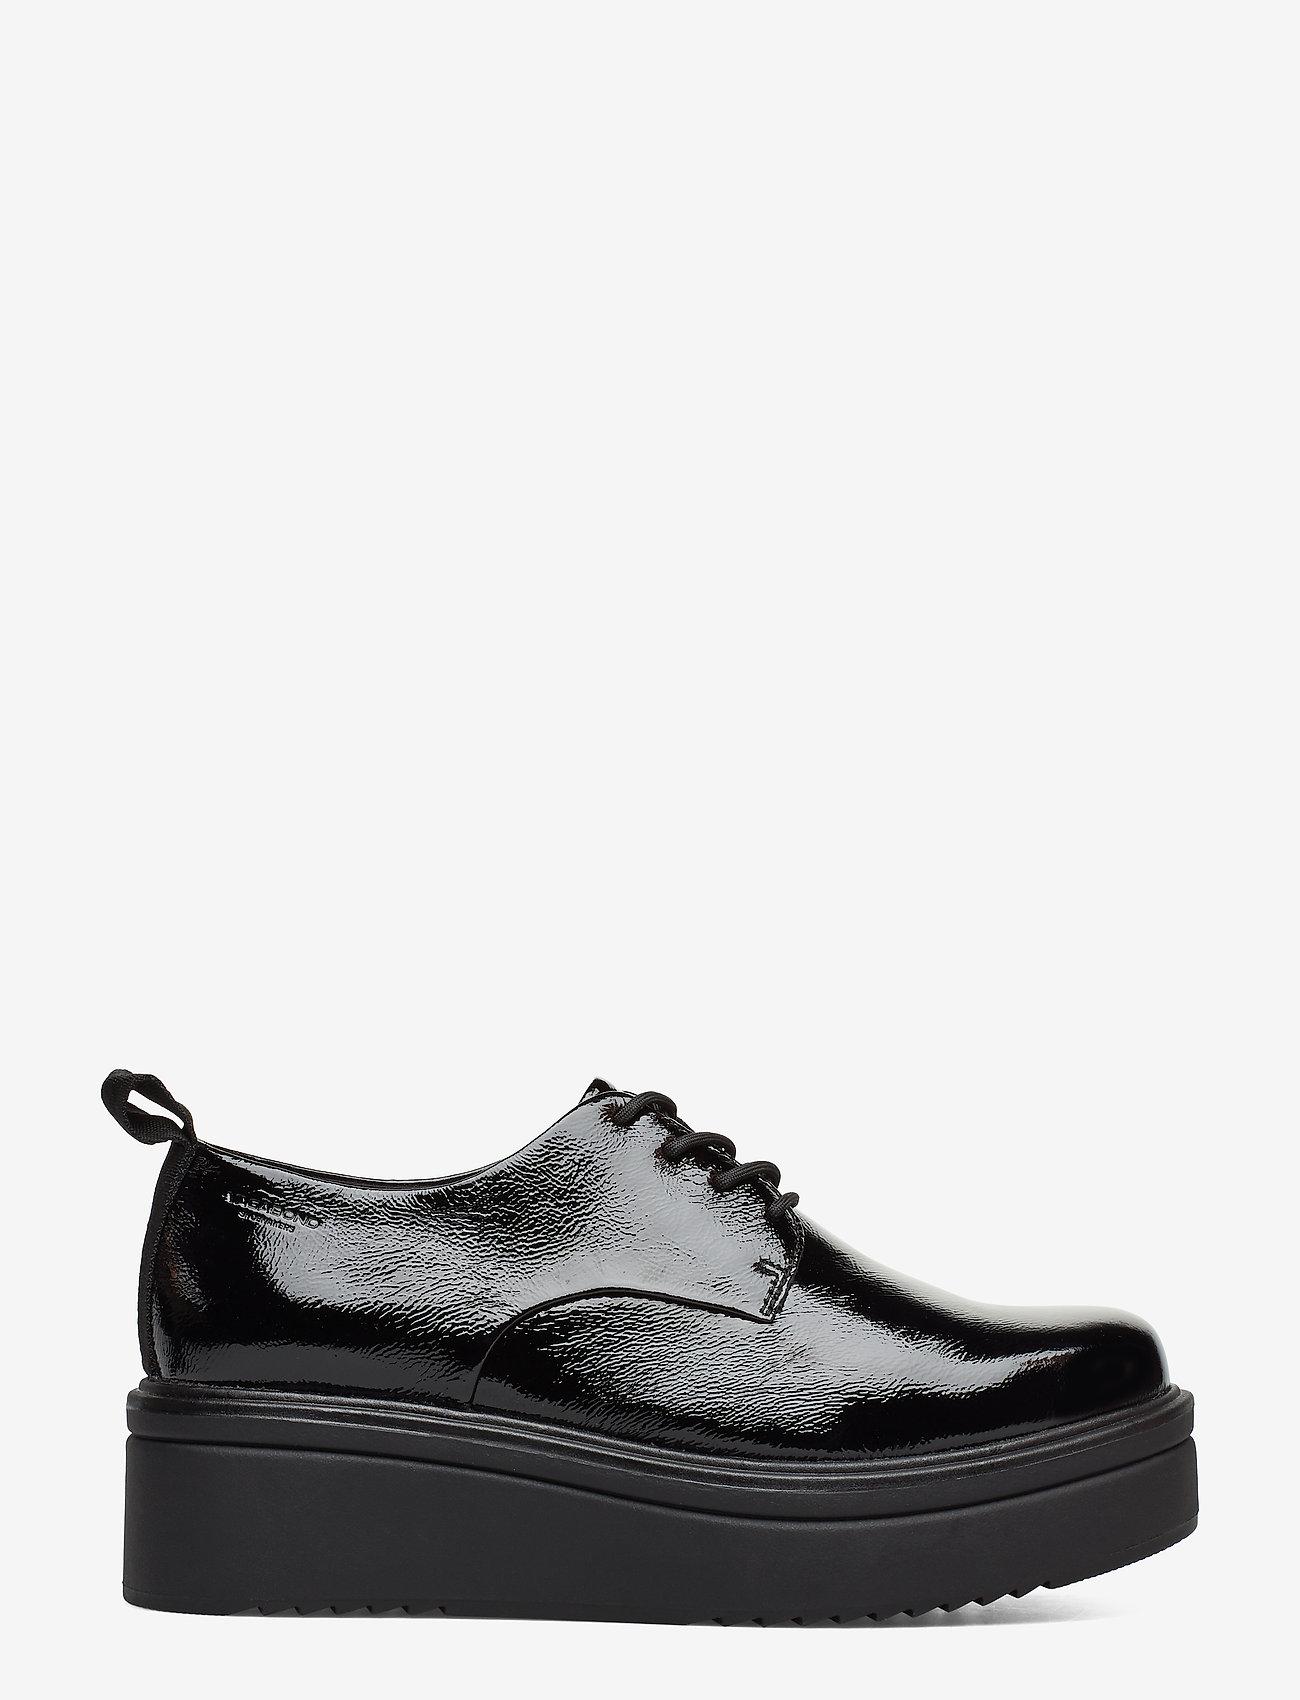 VAGABOND - TARA - buty sznurowane - black - 1